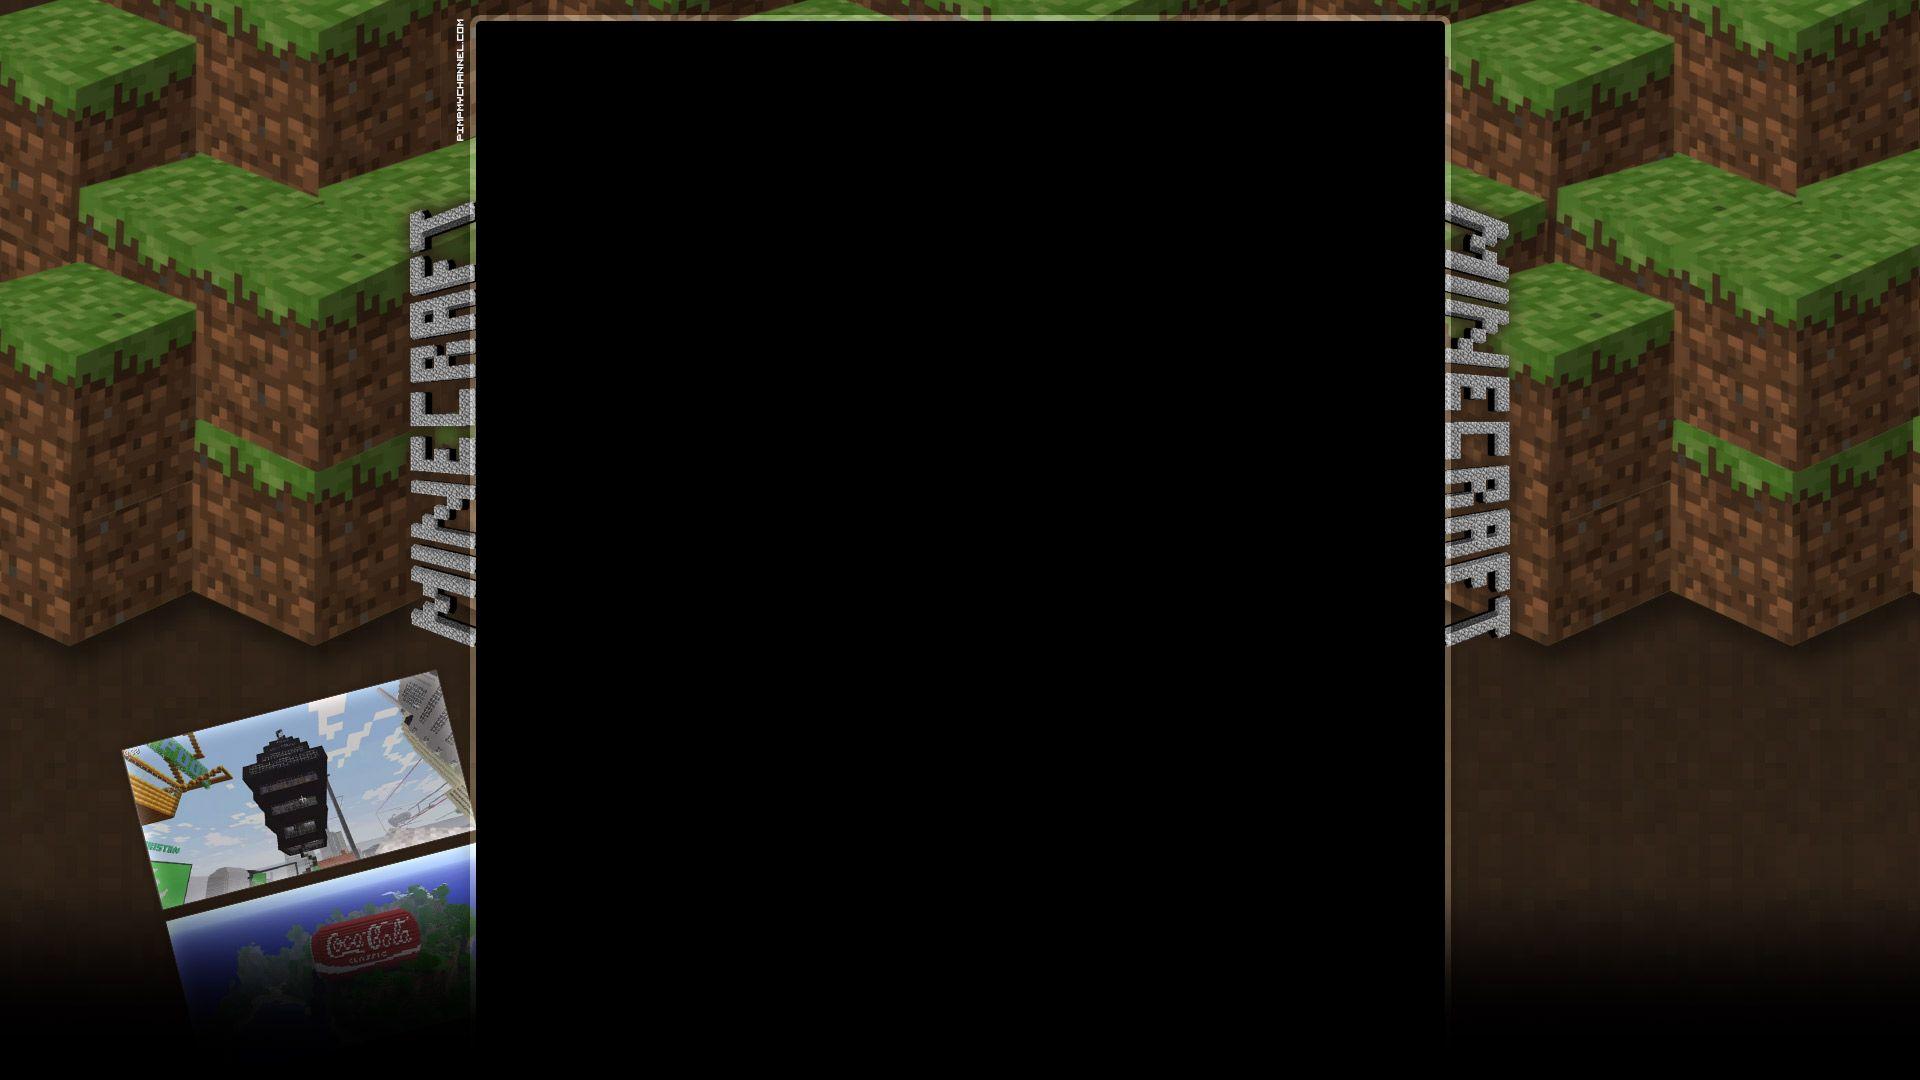 Best Wallpaper Minecraft Google - 2ce936e09fd7558d13de92a24f612365  Graphic_586295.jpg